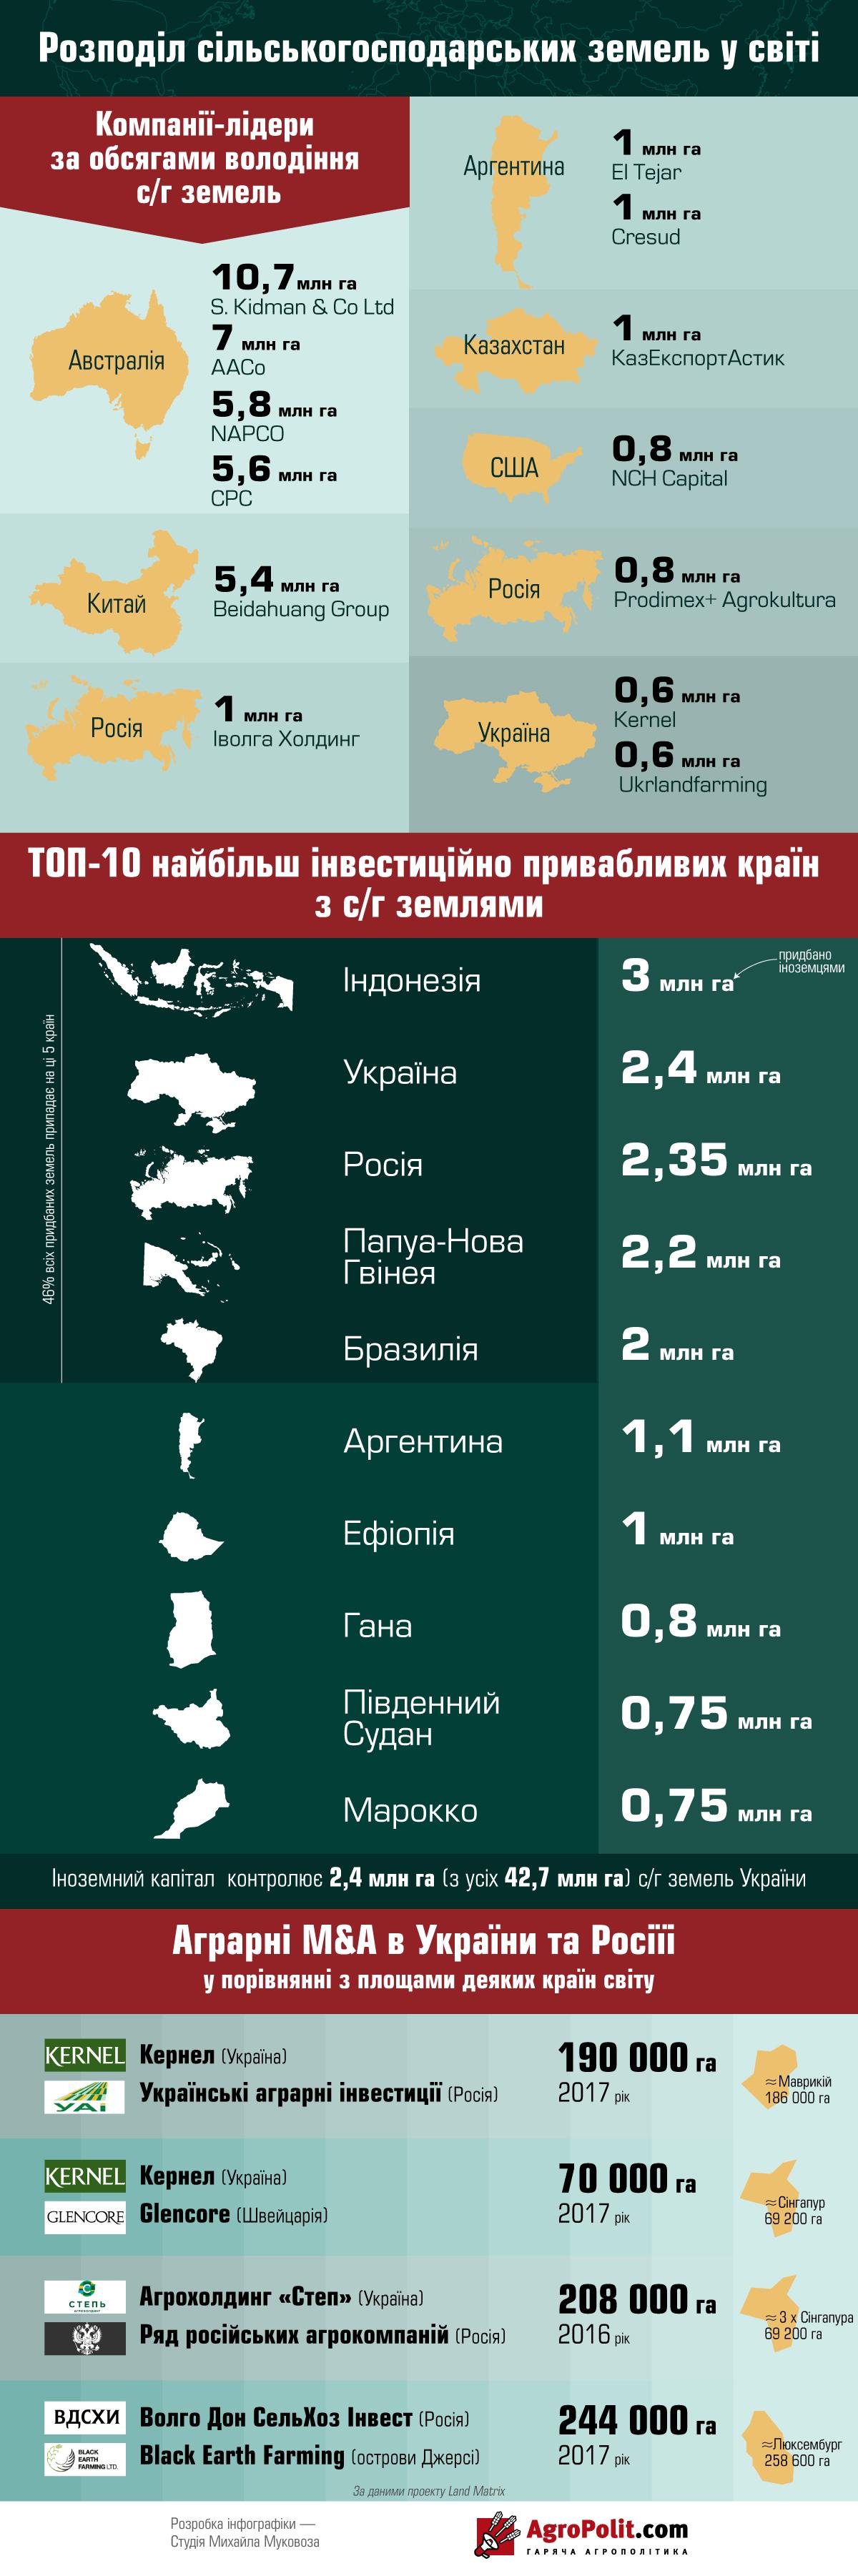 Распределение сельскохозяйственных земель в мире